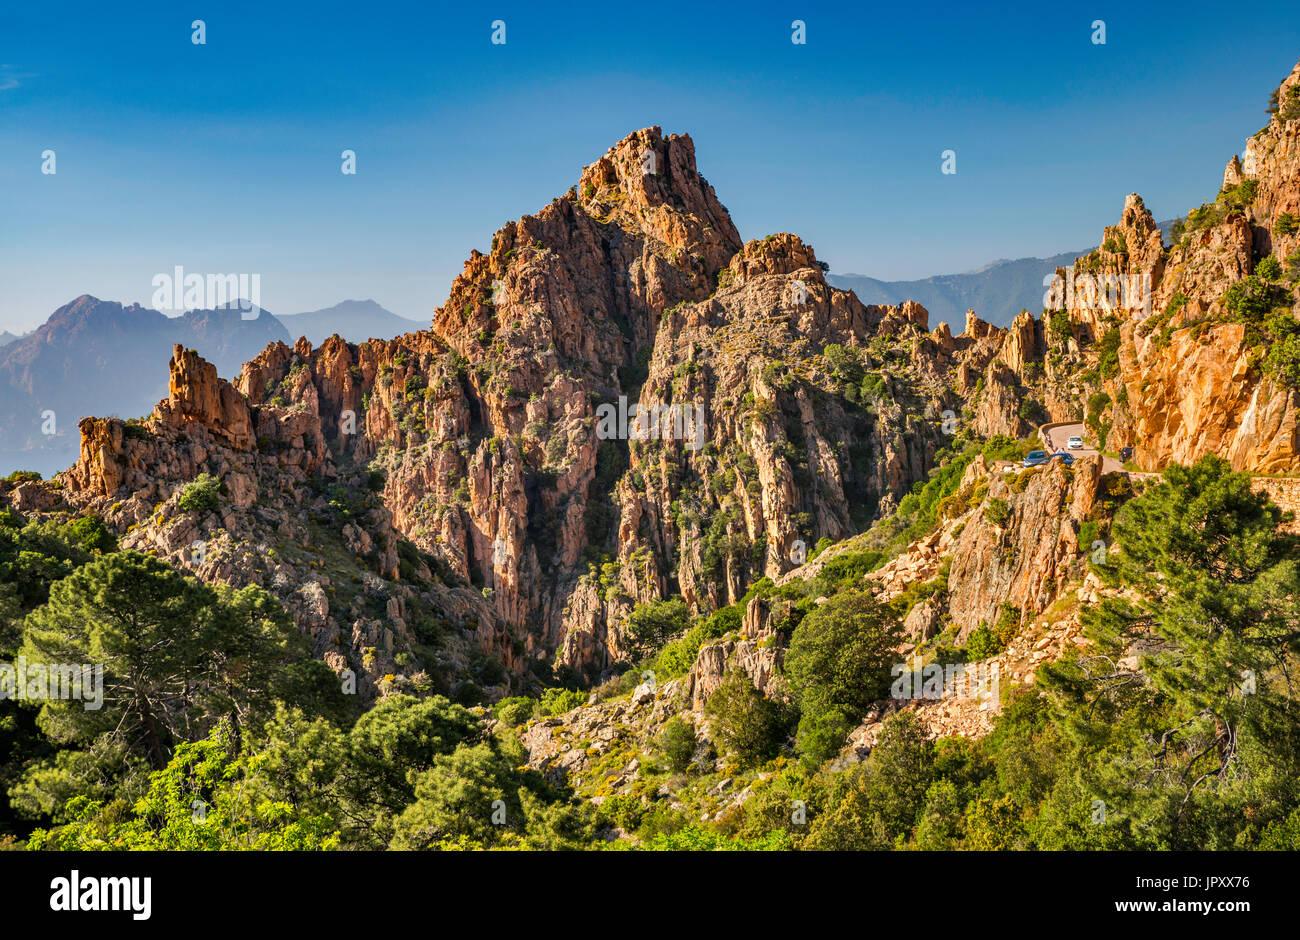 Orange porphyritic rocce di granito a Les Calanche de Piana, Sito Patrimonio Mondiale dell'UNESCO, Corse-du-Sud, Corsica, Francia Immagini Stock